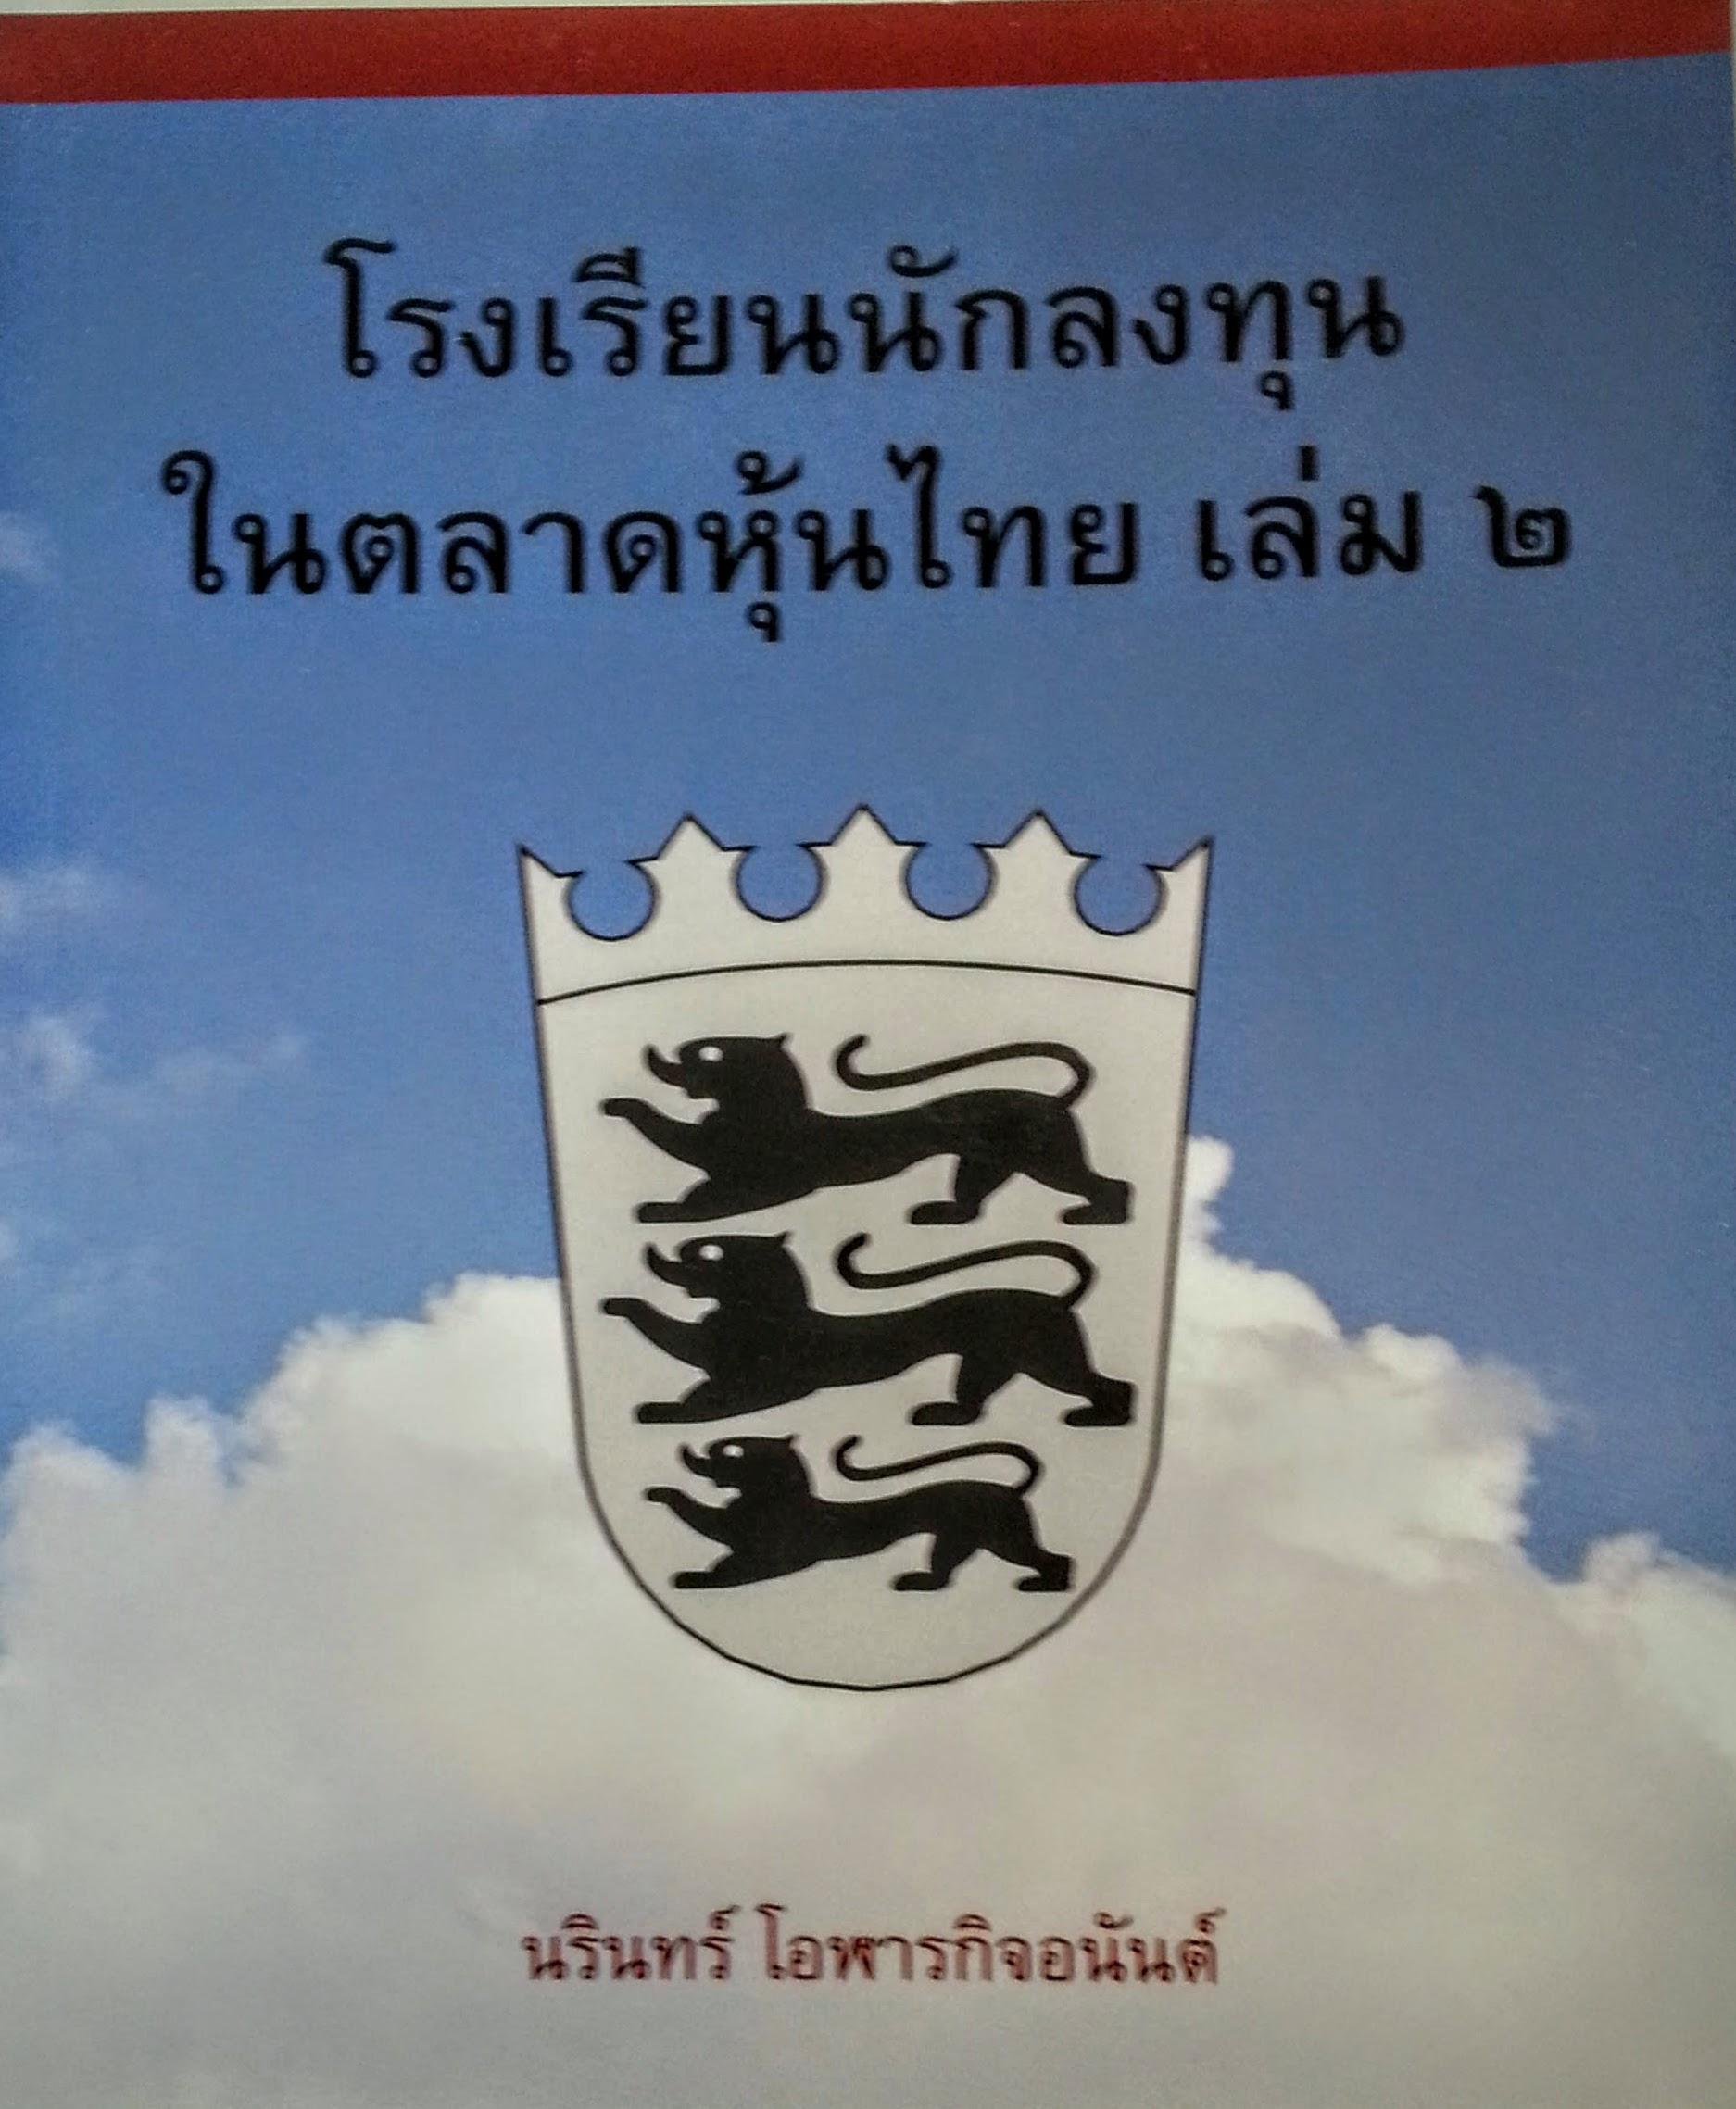 โรงเรียนนักลงทุนในตลาดหุ้นไทย เล่ม 1 และ เล่ม 2 (ขายคู่)